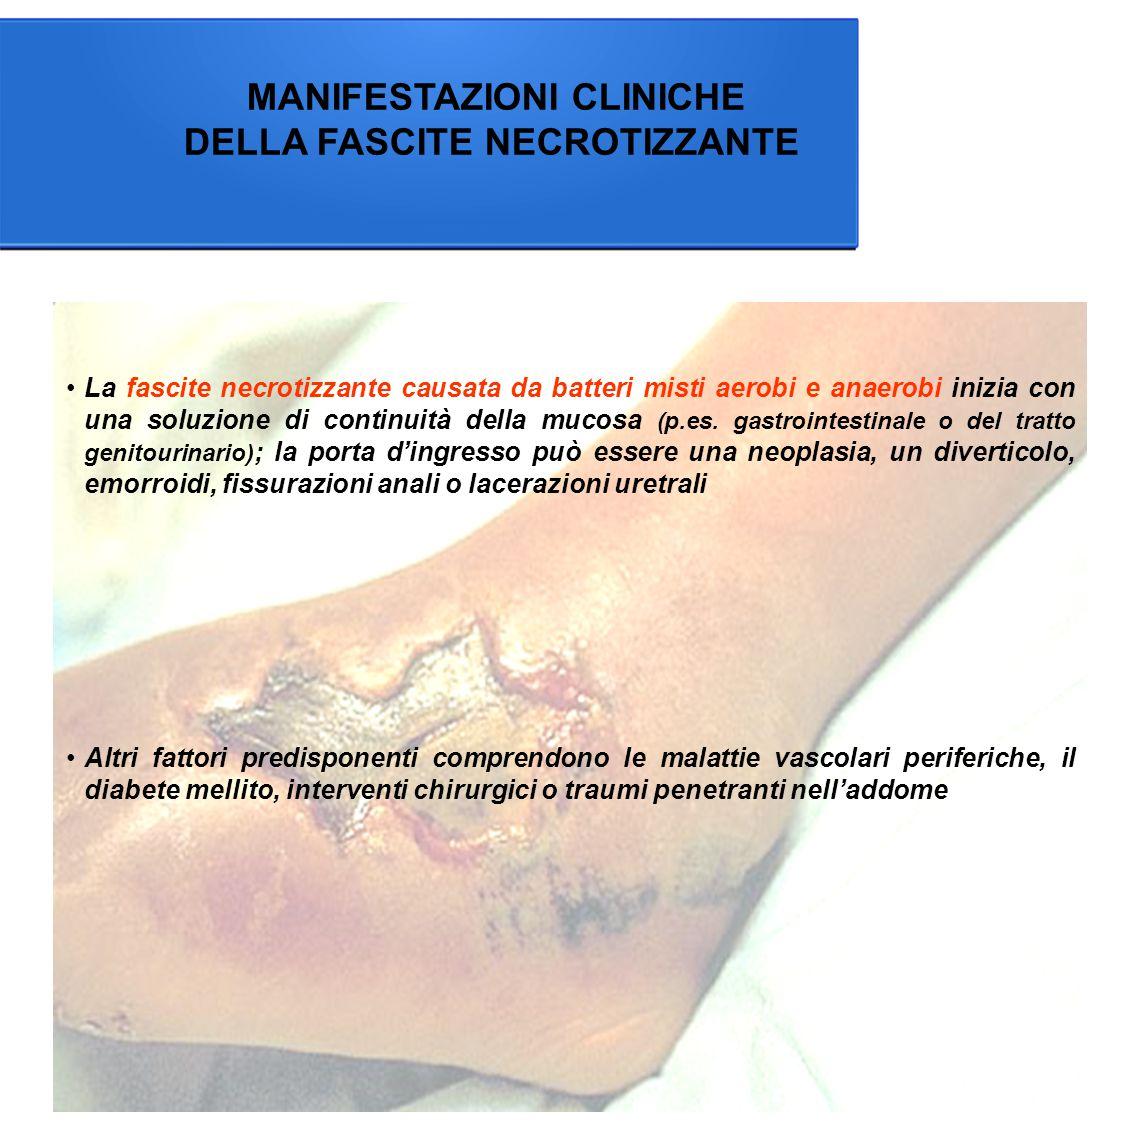 MANIFESTAZIONI CLINICHE DELLA FASCITE NECROTIZZANTE La fascite necrotizzante causata da batteri misti aerobi e anaerobi inizia con una soluzione di continuità della mucosa (p.es.